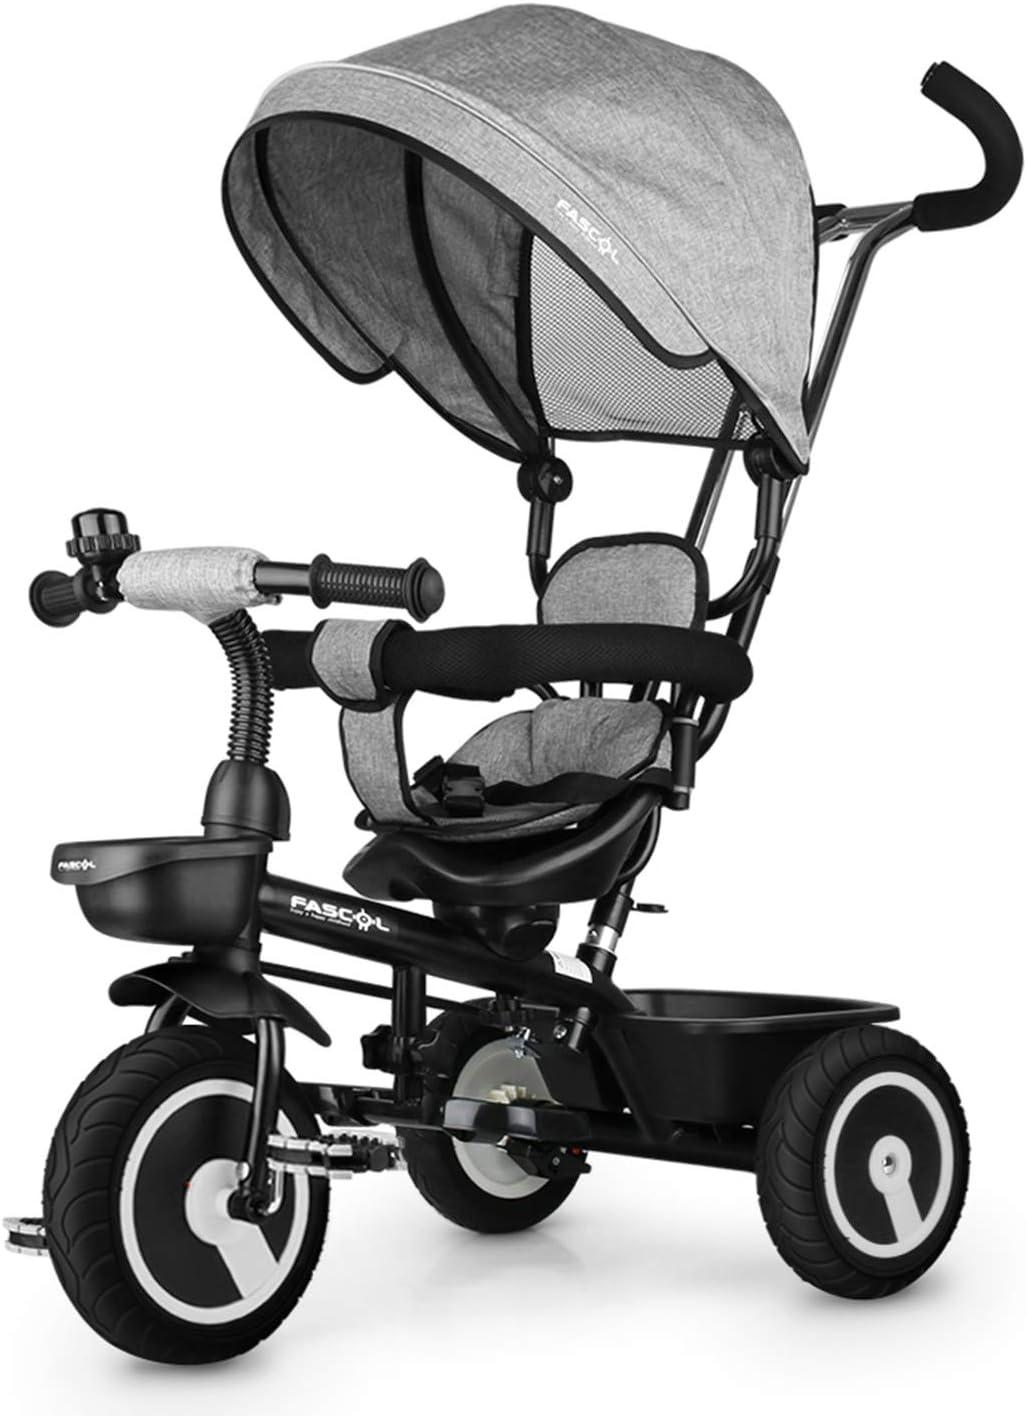 Fascol 7 en 1 Triciclo Bebe con Asiento Giratorio y Ruedas de Gomas, Versión Mejorada Trike para Niños de 12 Meses a 5 Años , Gris